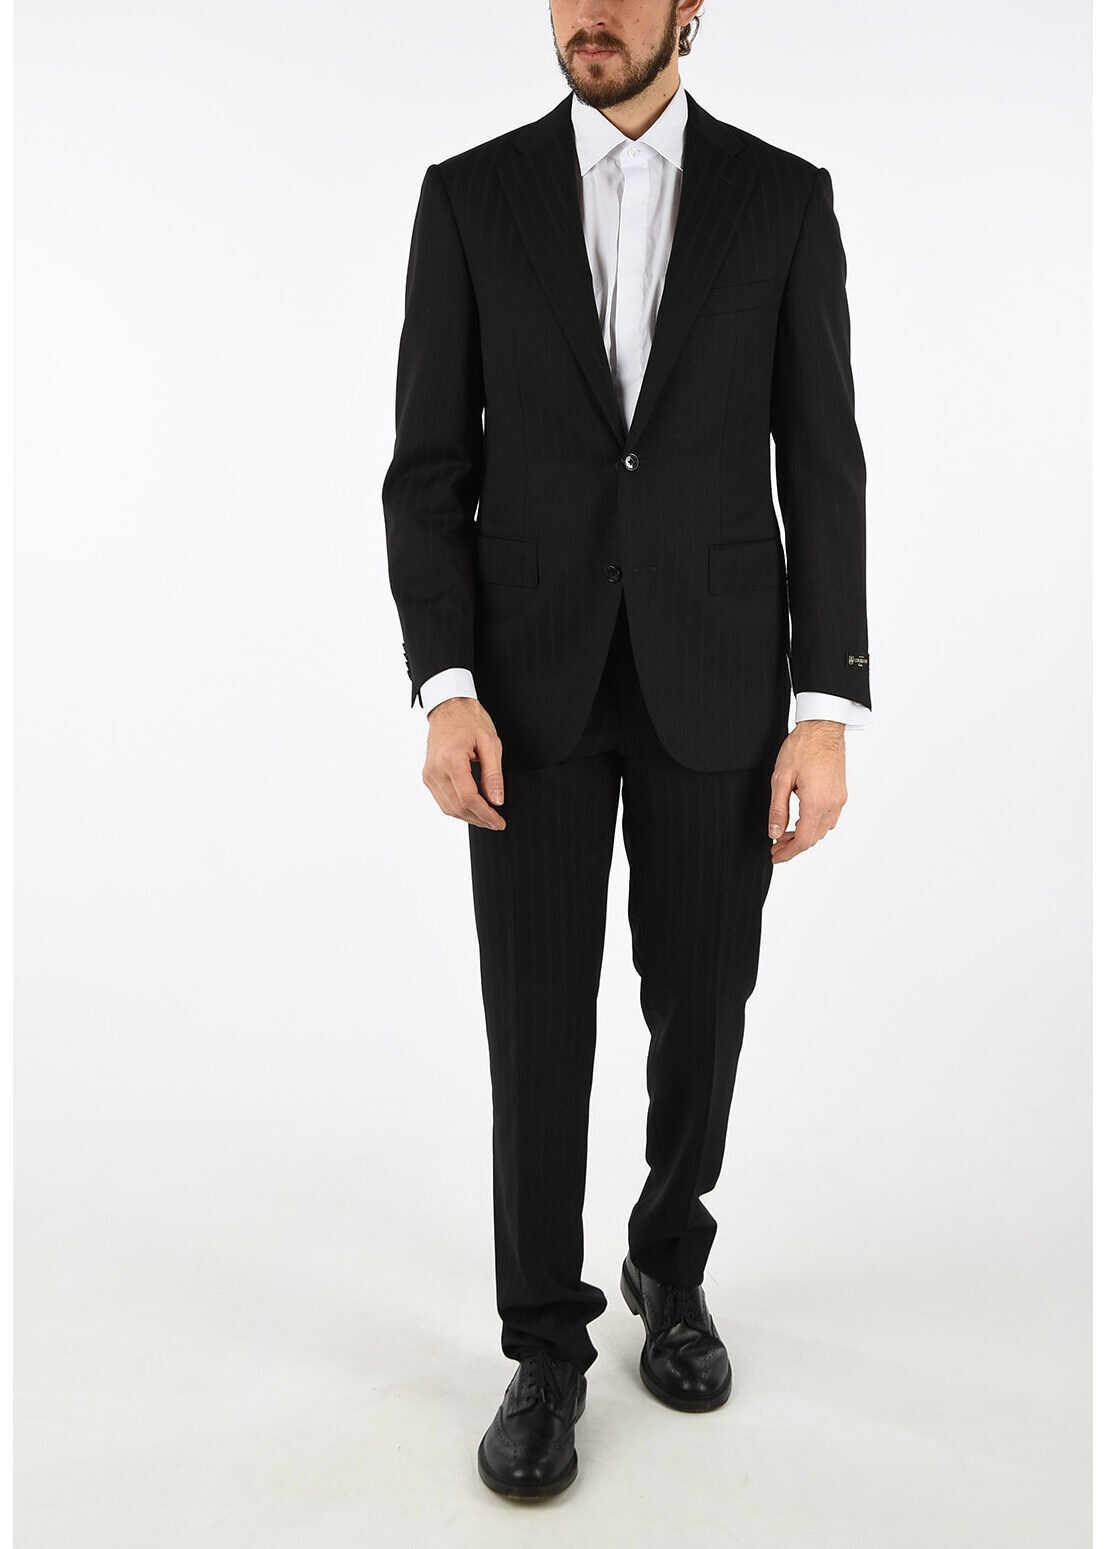 bengal striped super 110's LEADER 2-button suit thumbnail